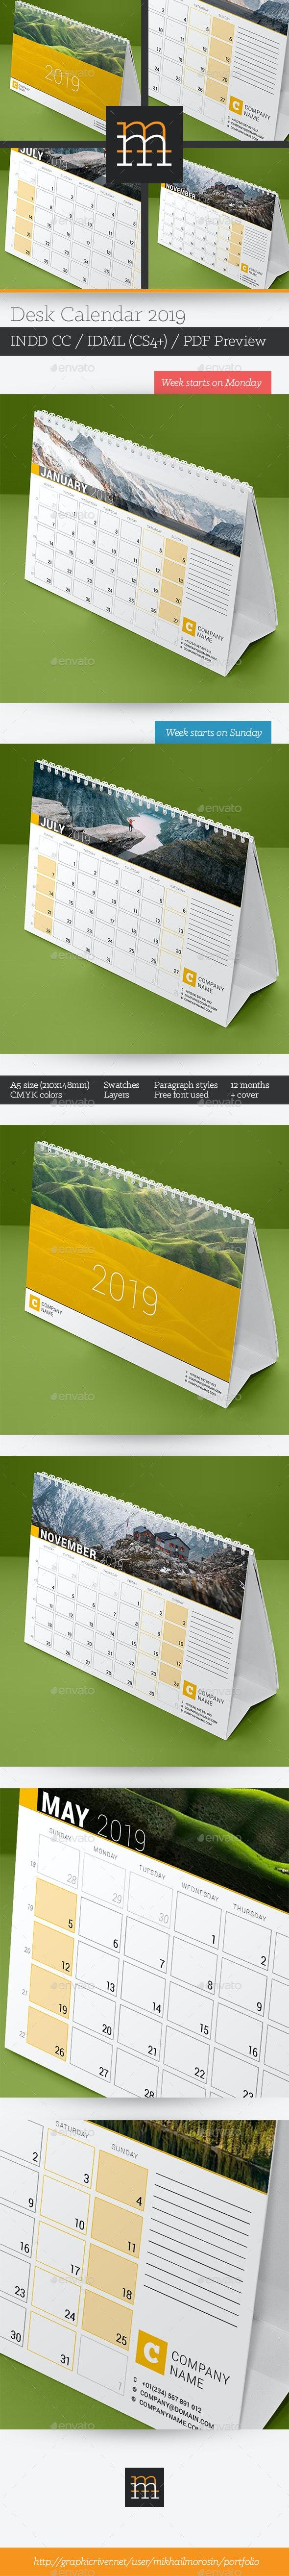 Desk Calendar 2019 - Calendars Stationery